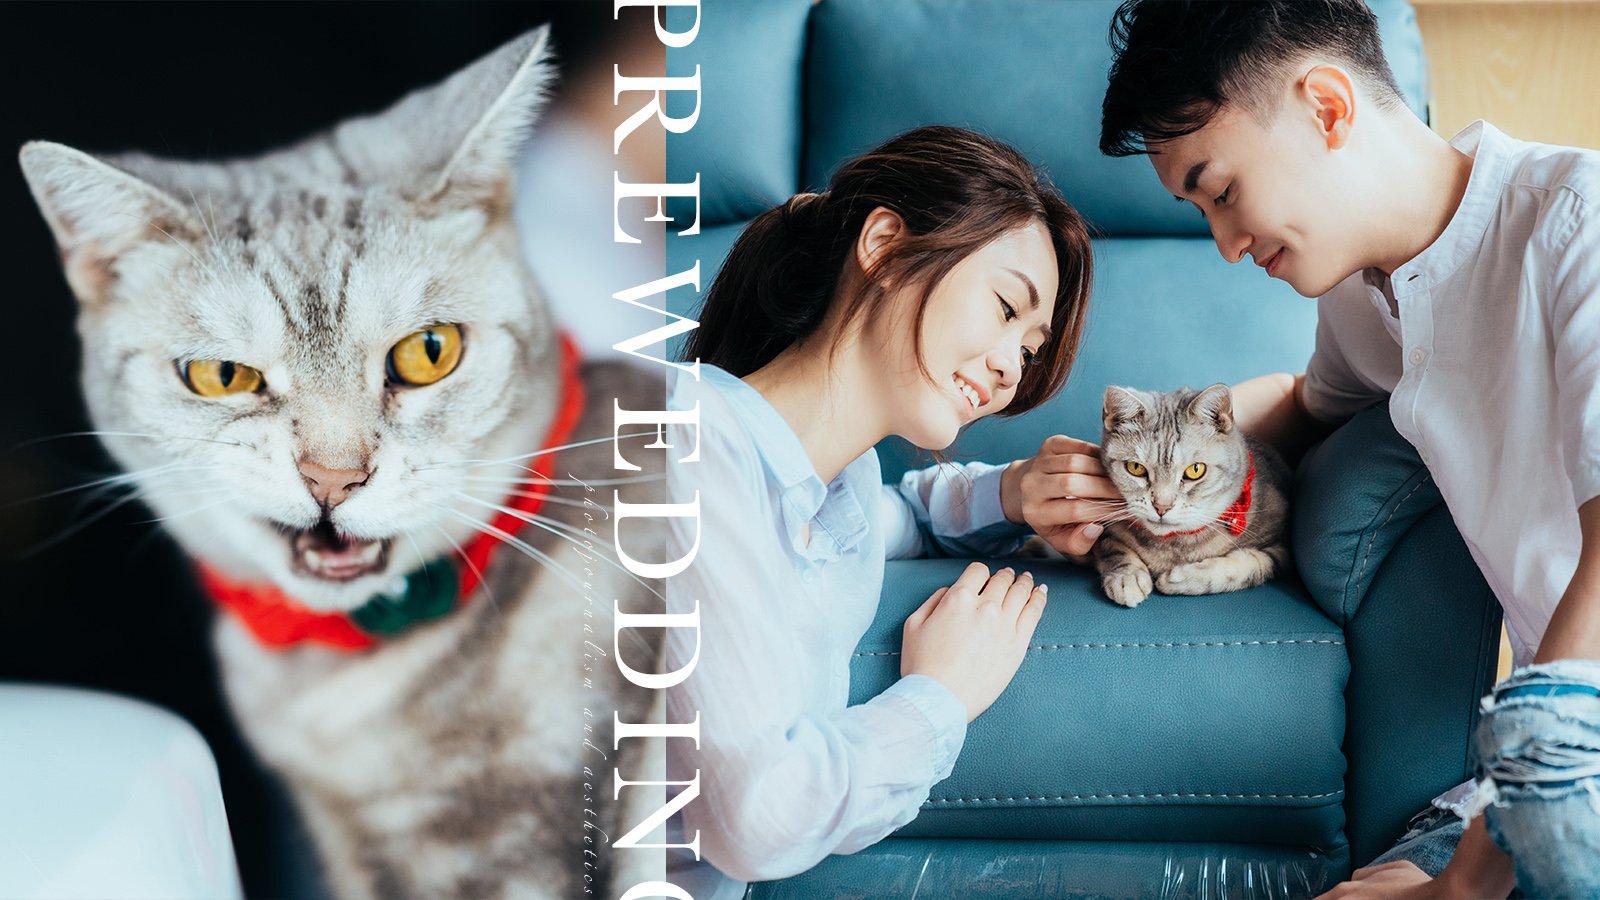 【貓奴的愛情故事】|婚紗相最佳配角就是牠!|Home feel prewedding